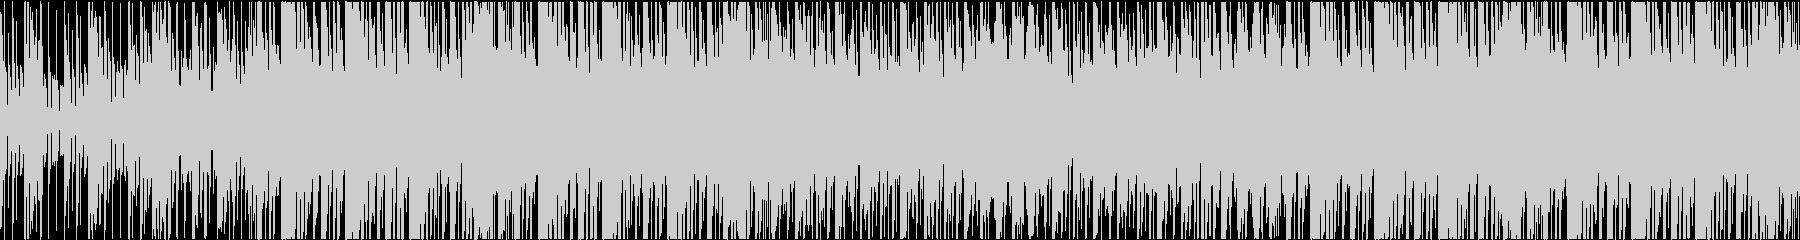 和風 オリエンタル R&B 琴 ループの未再生の波形